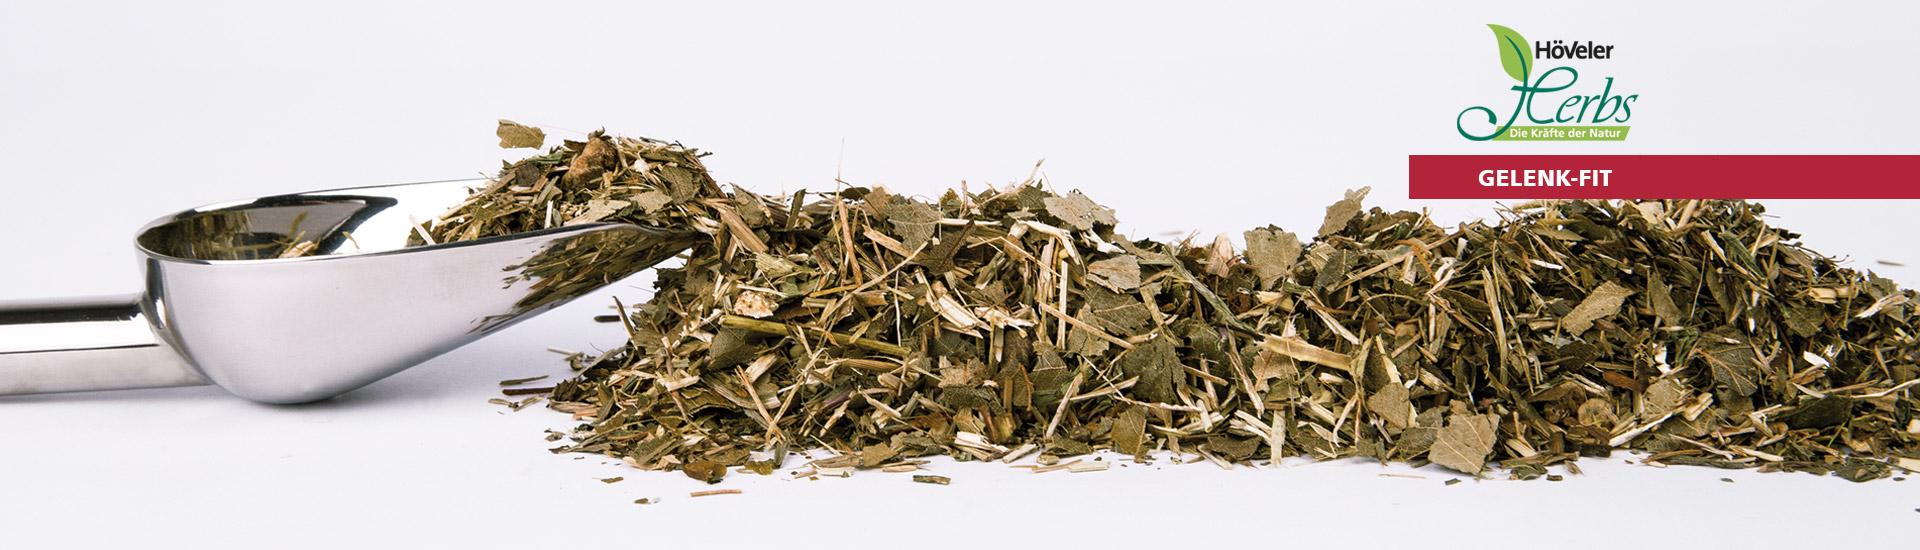 herbs-gelenk-fit